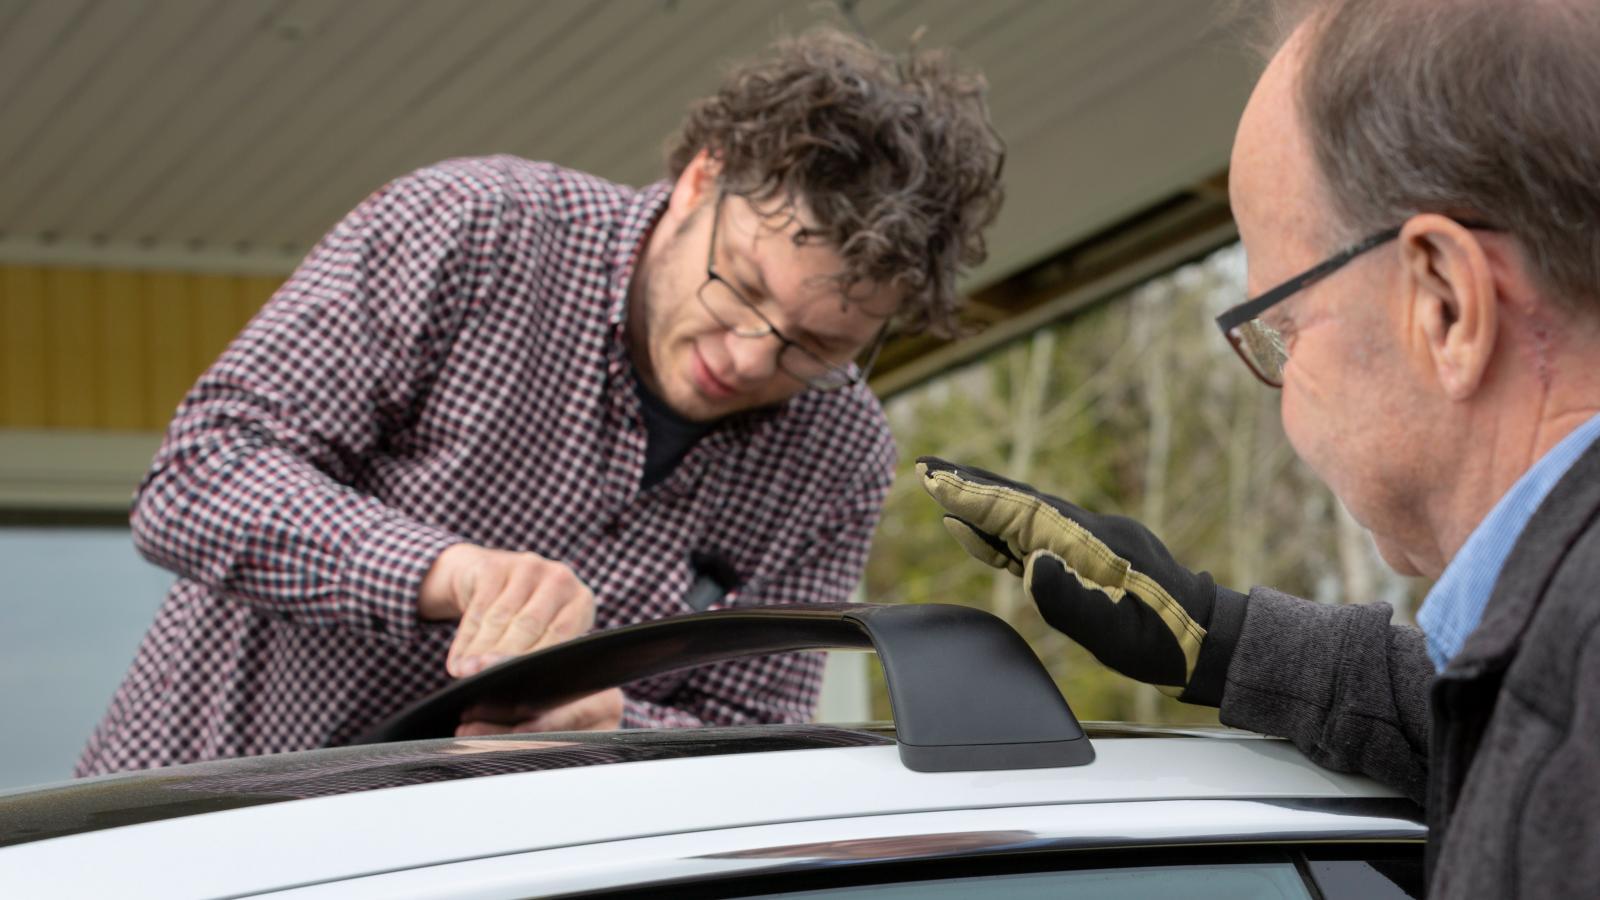 Priset på orginal taklastbågar har inget med montering att göra. Teslas är dyra och krångliga.